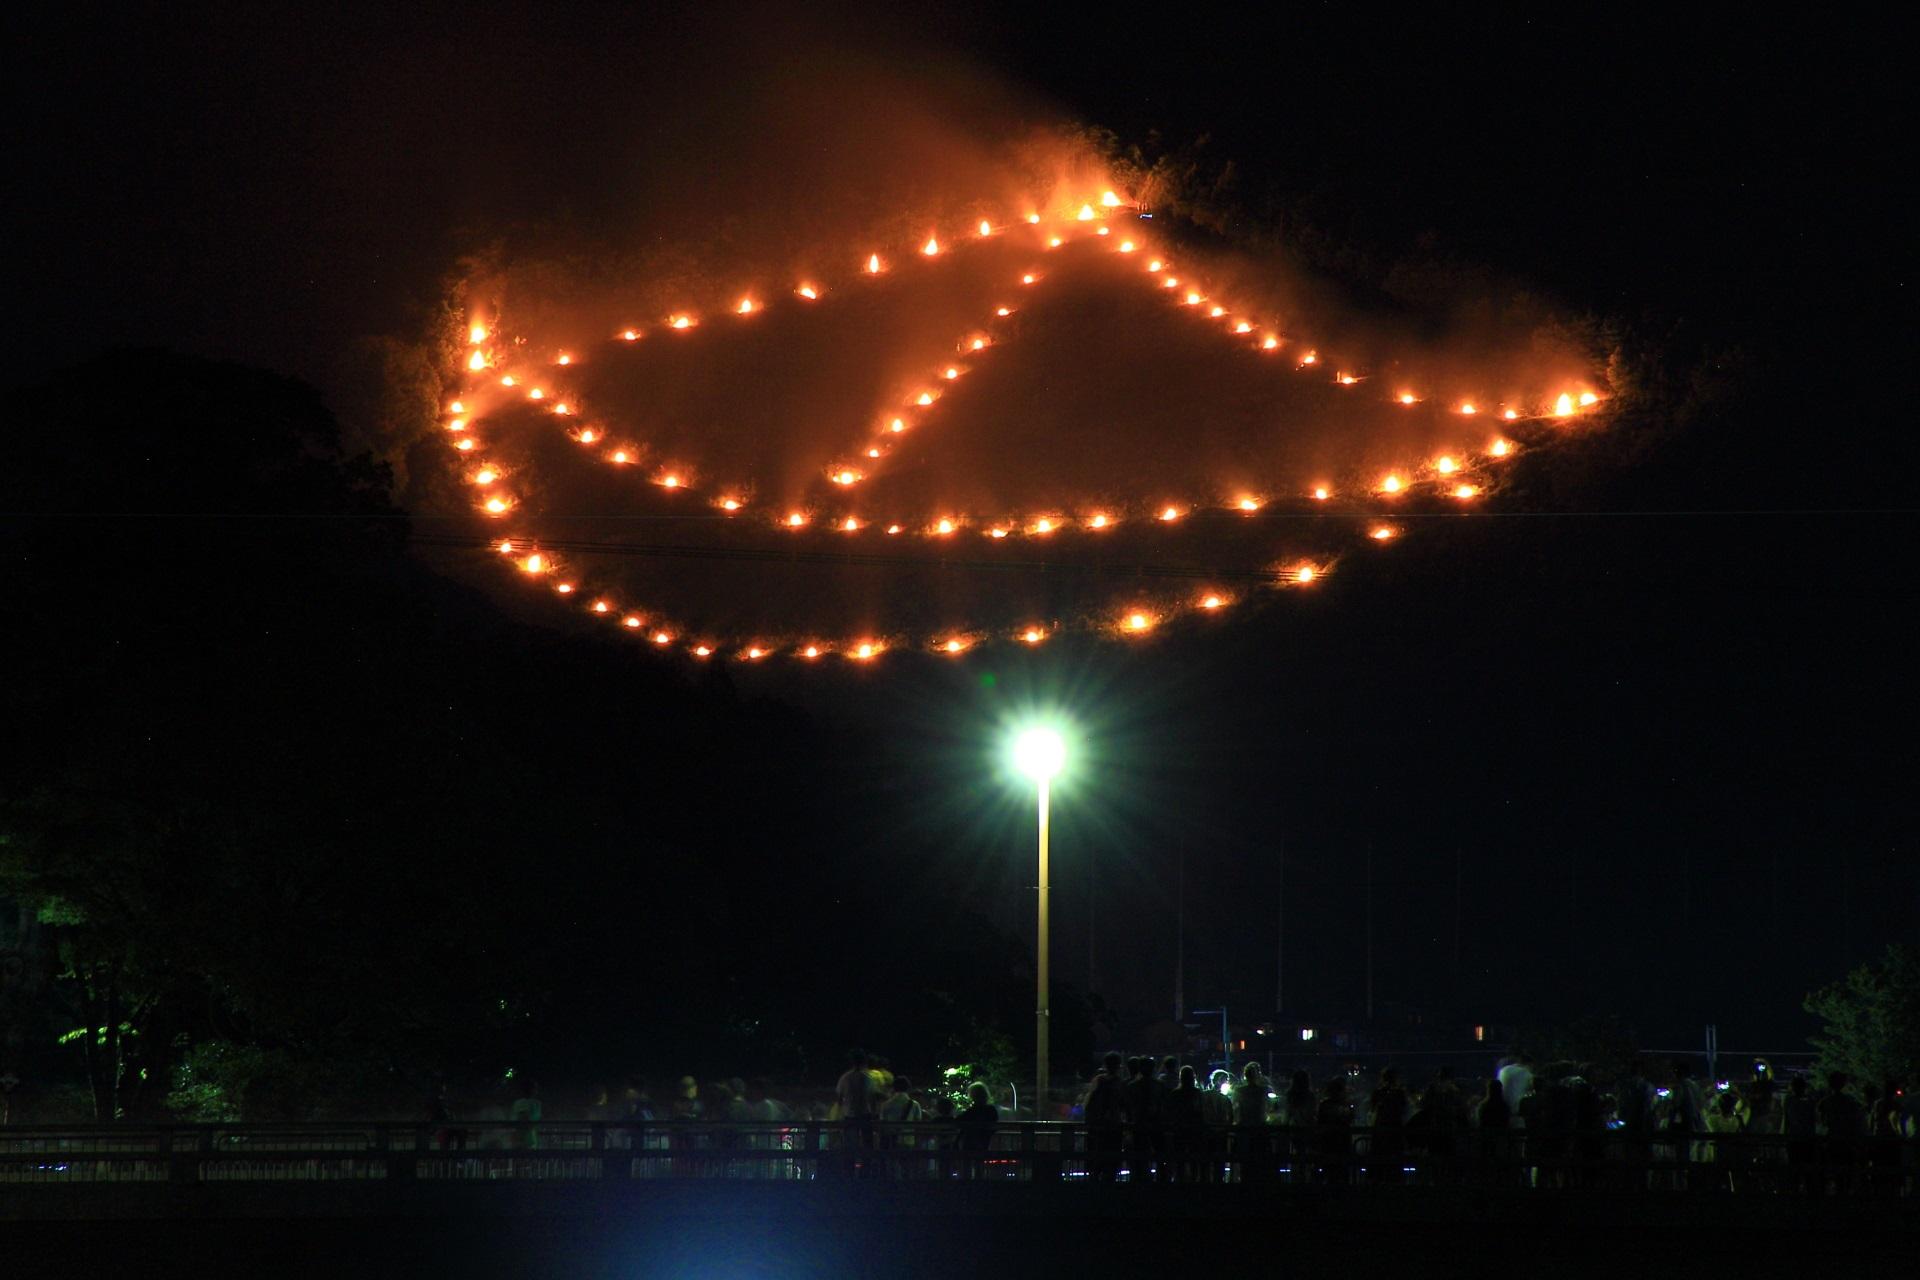 五山の送り火の舟形と見上げる人々